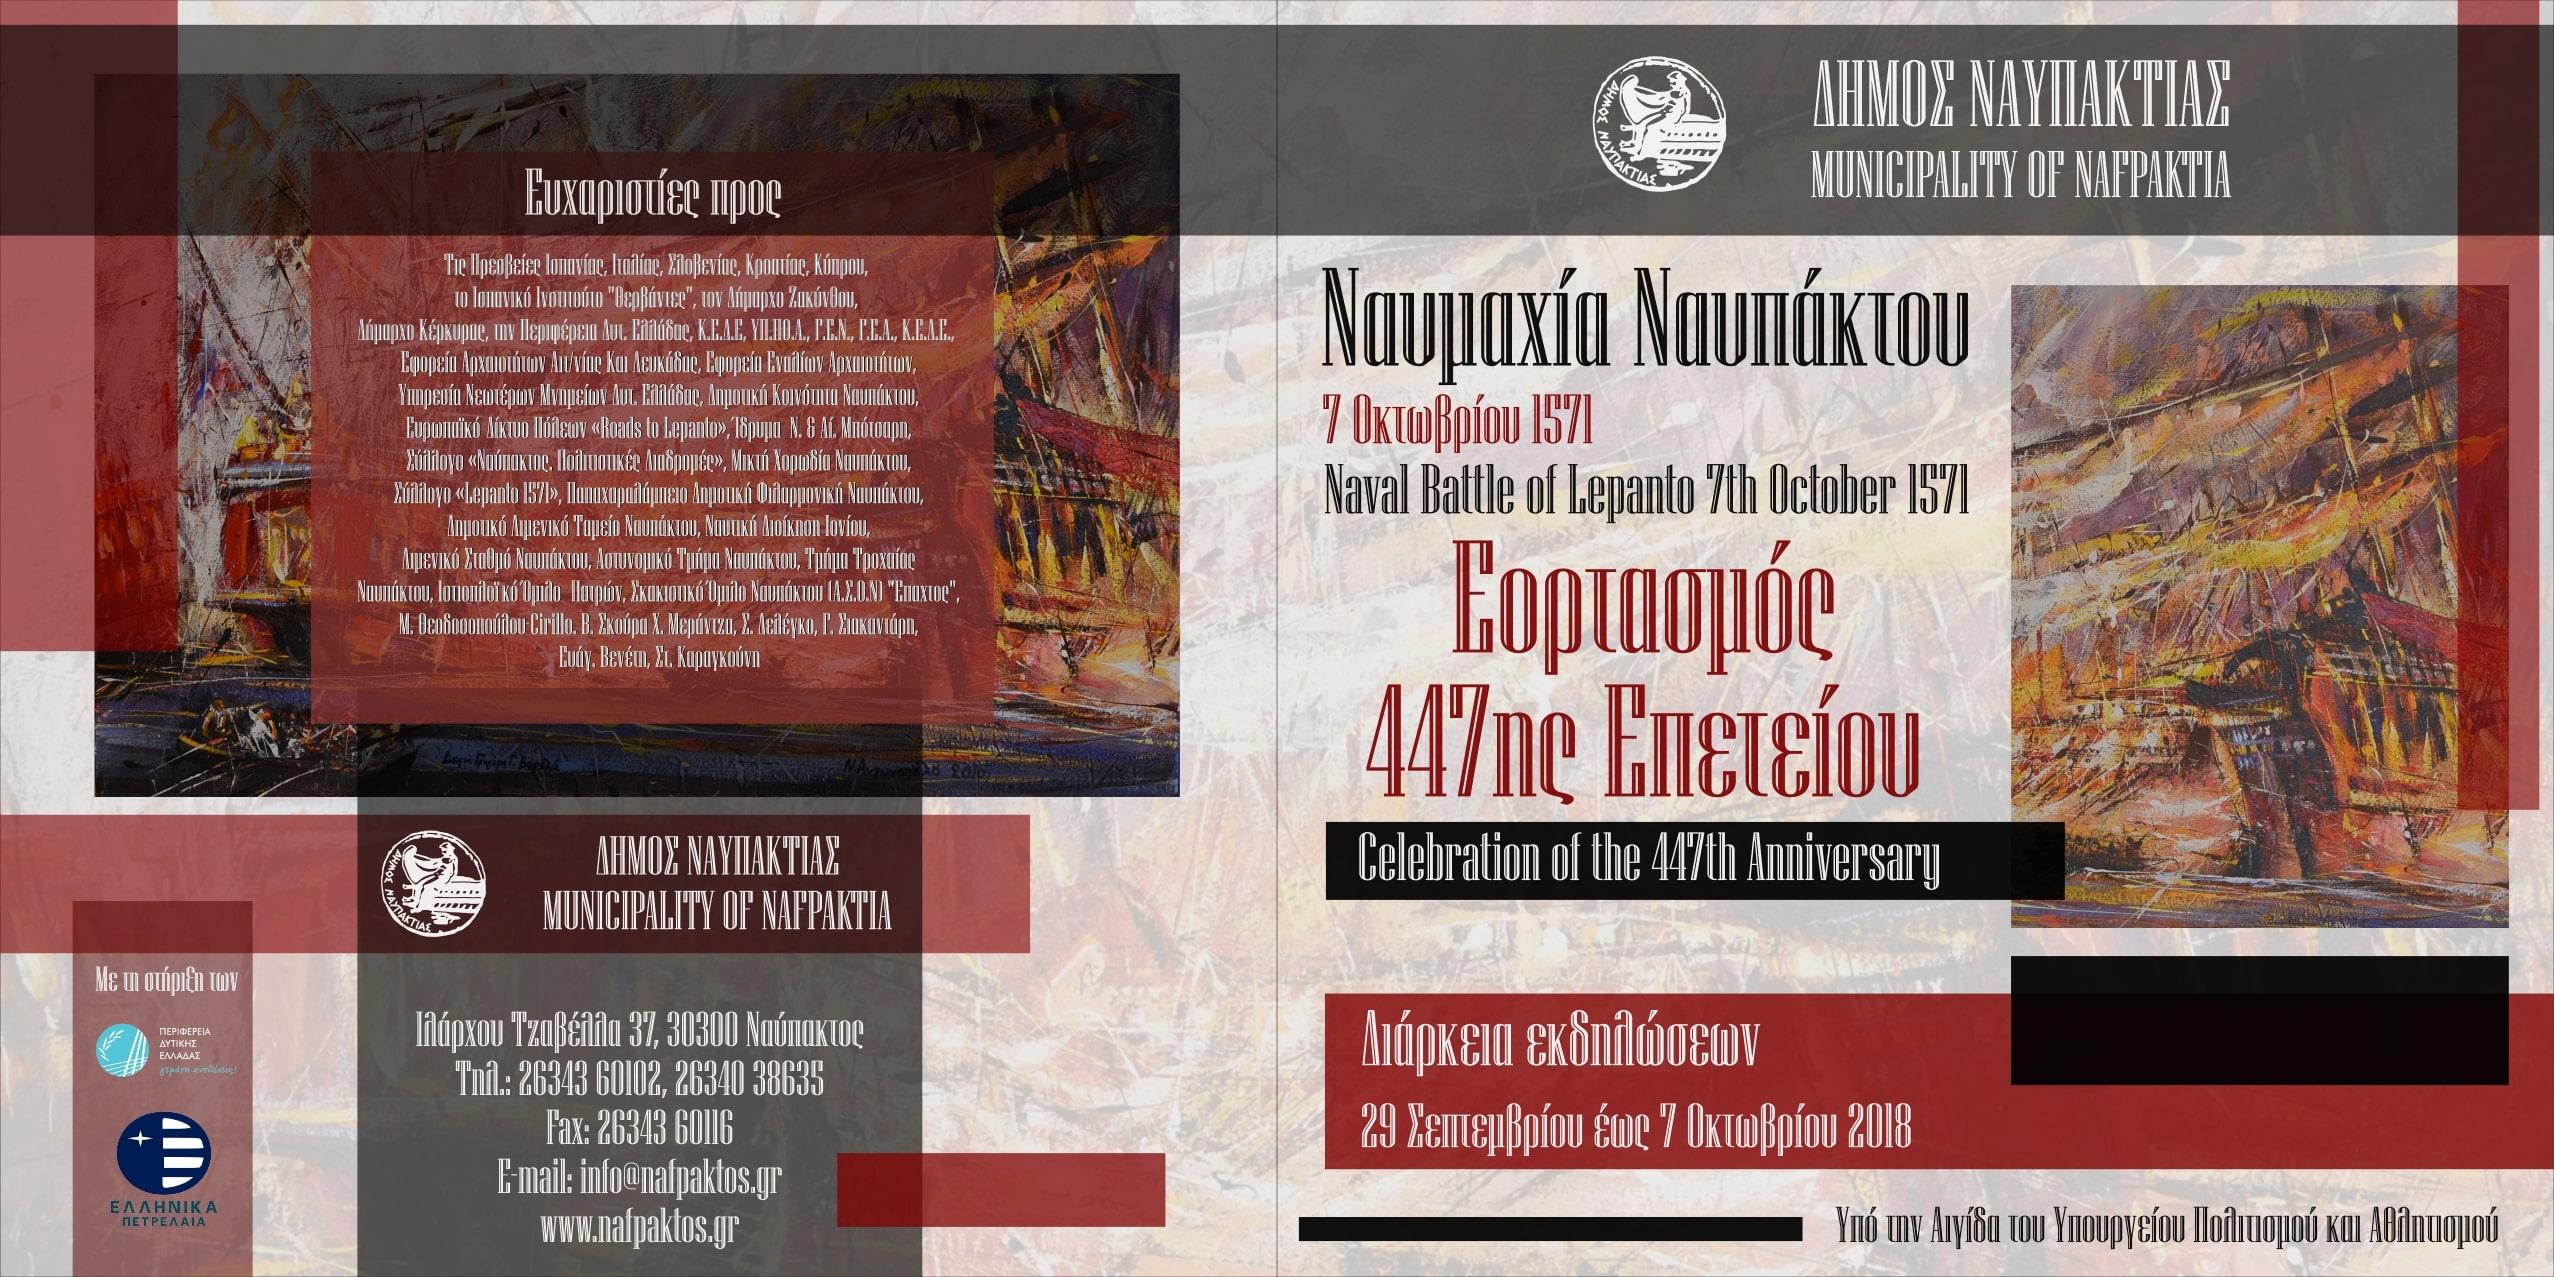 Συνεχίζονται   οι εκδηλώσεις για τη Ναυμαχία της Ναυπάκτου